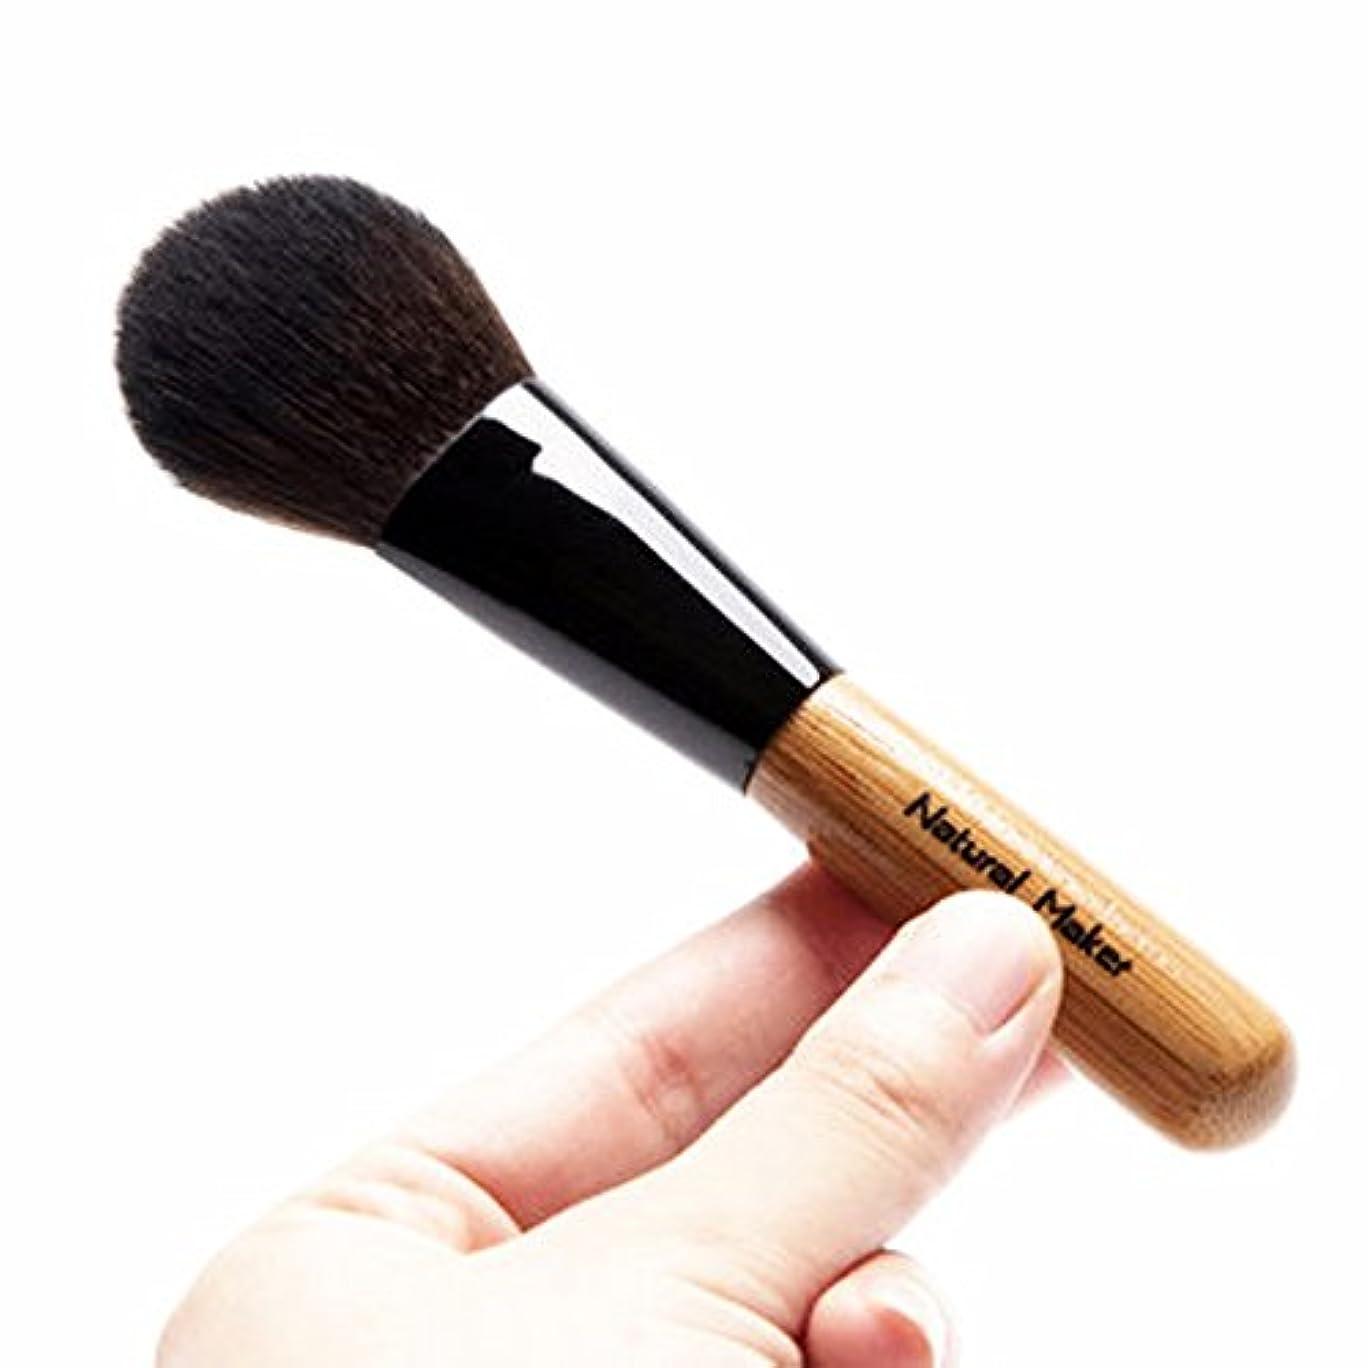 化学冷淡な防水チークブラシ 化粧筆 パウダーブラシ メイクブラシ ハイライトブラシ 高級繊維毛 極上の肌触り 竹柄